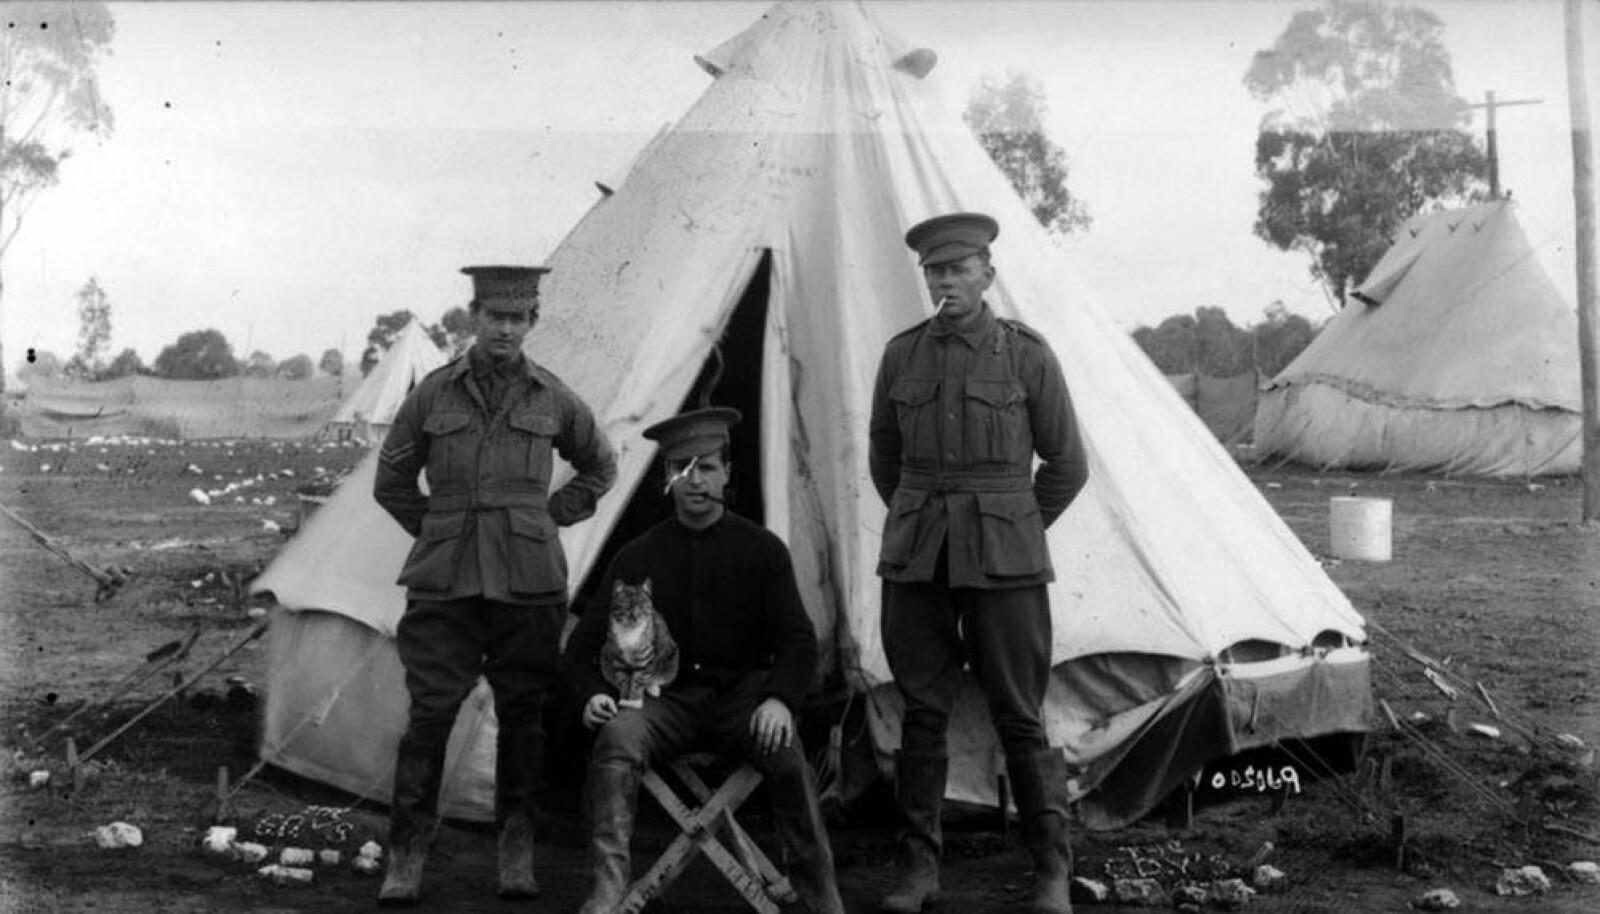 På bildet ser vi treningsleiren Seymour, som ble etablert ved utbruddet av første verdenskrig.